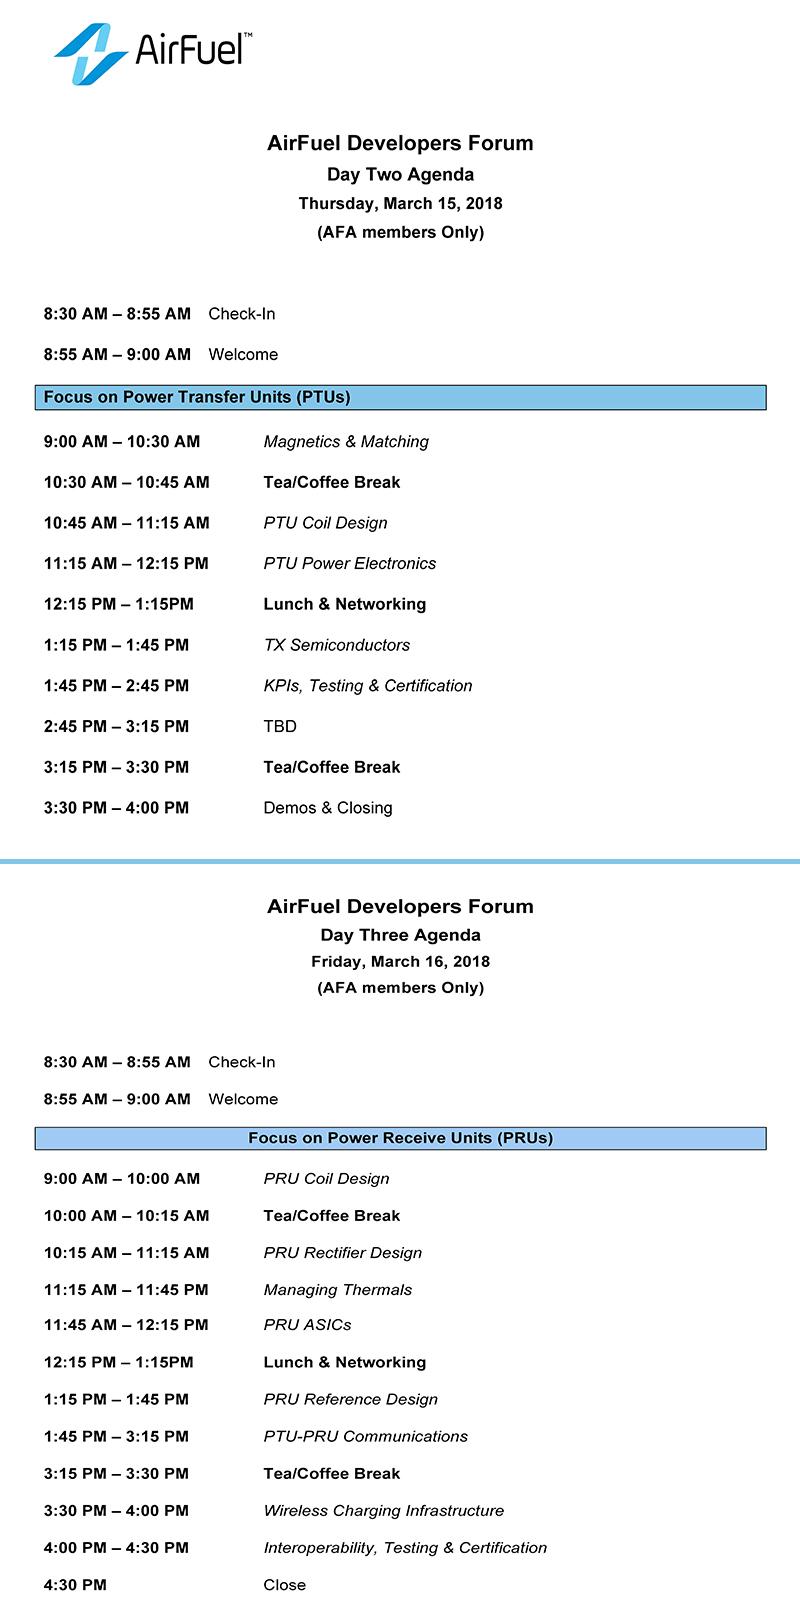 AirFuel无线充电大会暨开发者论坛完整日程抢先出炉